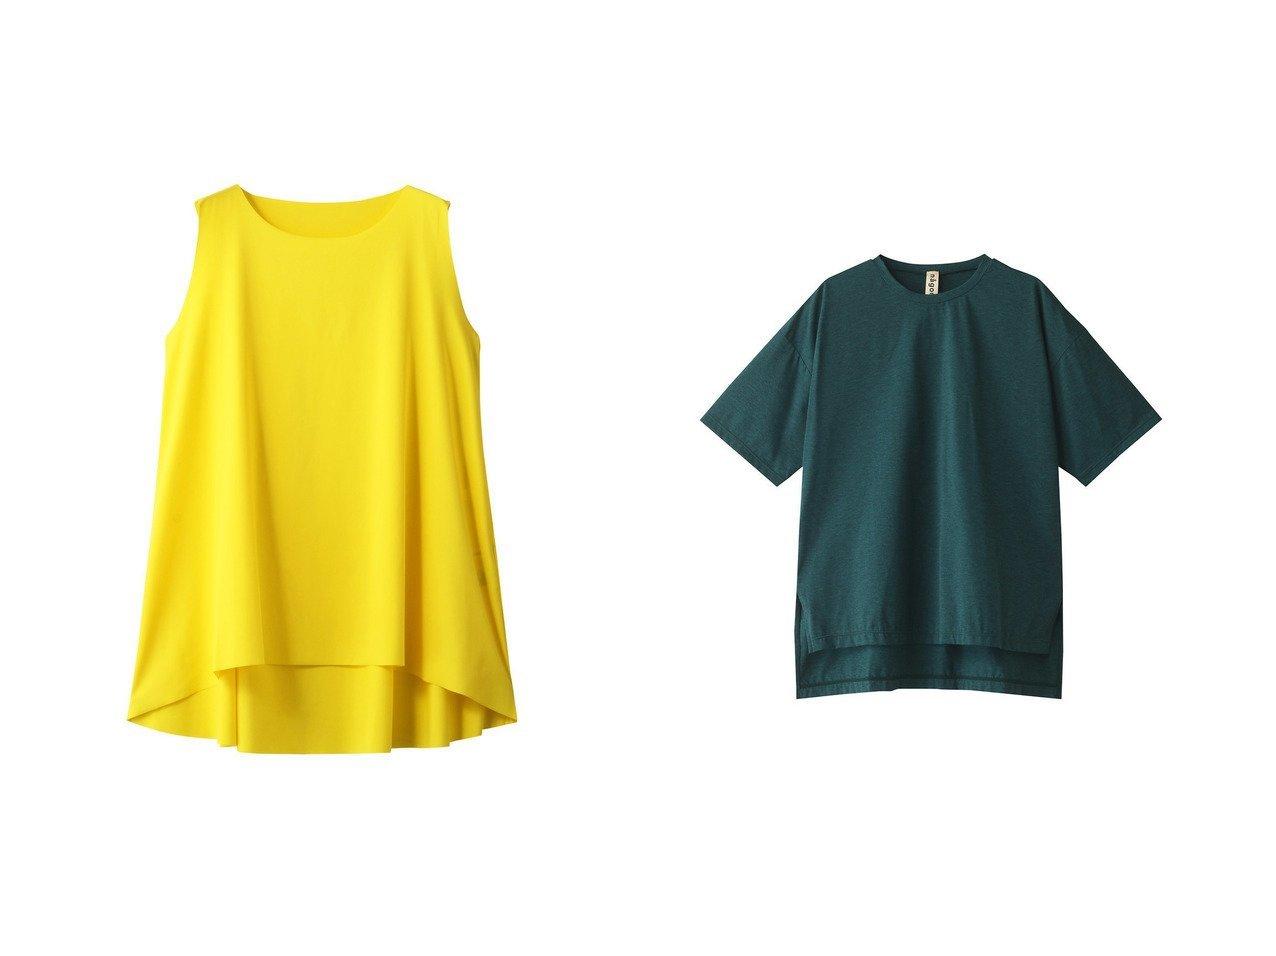 【nagonstans/ナゴンスタンス】のVITA フレアトップ スイムウェア/水着&FANTASIA Tシャツラッシュガード/スイムウェア・水着 【水着】おすすめ!人気、トレンド・レディースファッションの通販 おすすめで人気の流行・トレンド、ファッションの通販商品 メンズファッション・キッズファッション・インテリア・家具・レディースファッション・服の通販 founy(ファニー) https://founy.com/ ファッション Fashion レディースファッション WOMEN 水着 Swimwear 水着 Swimwear シンプル スポーツ スリット 半袖 水着  ID:crp329100000039463